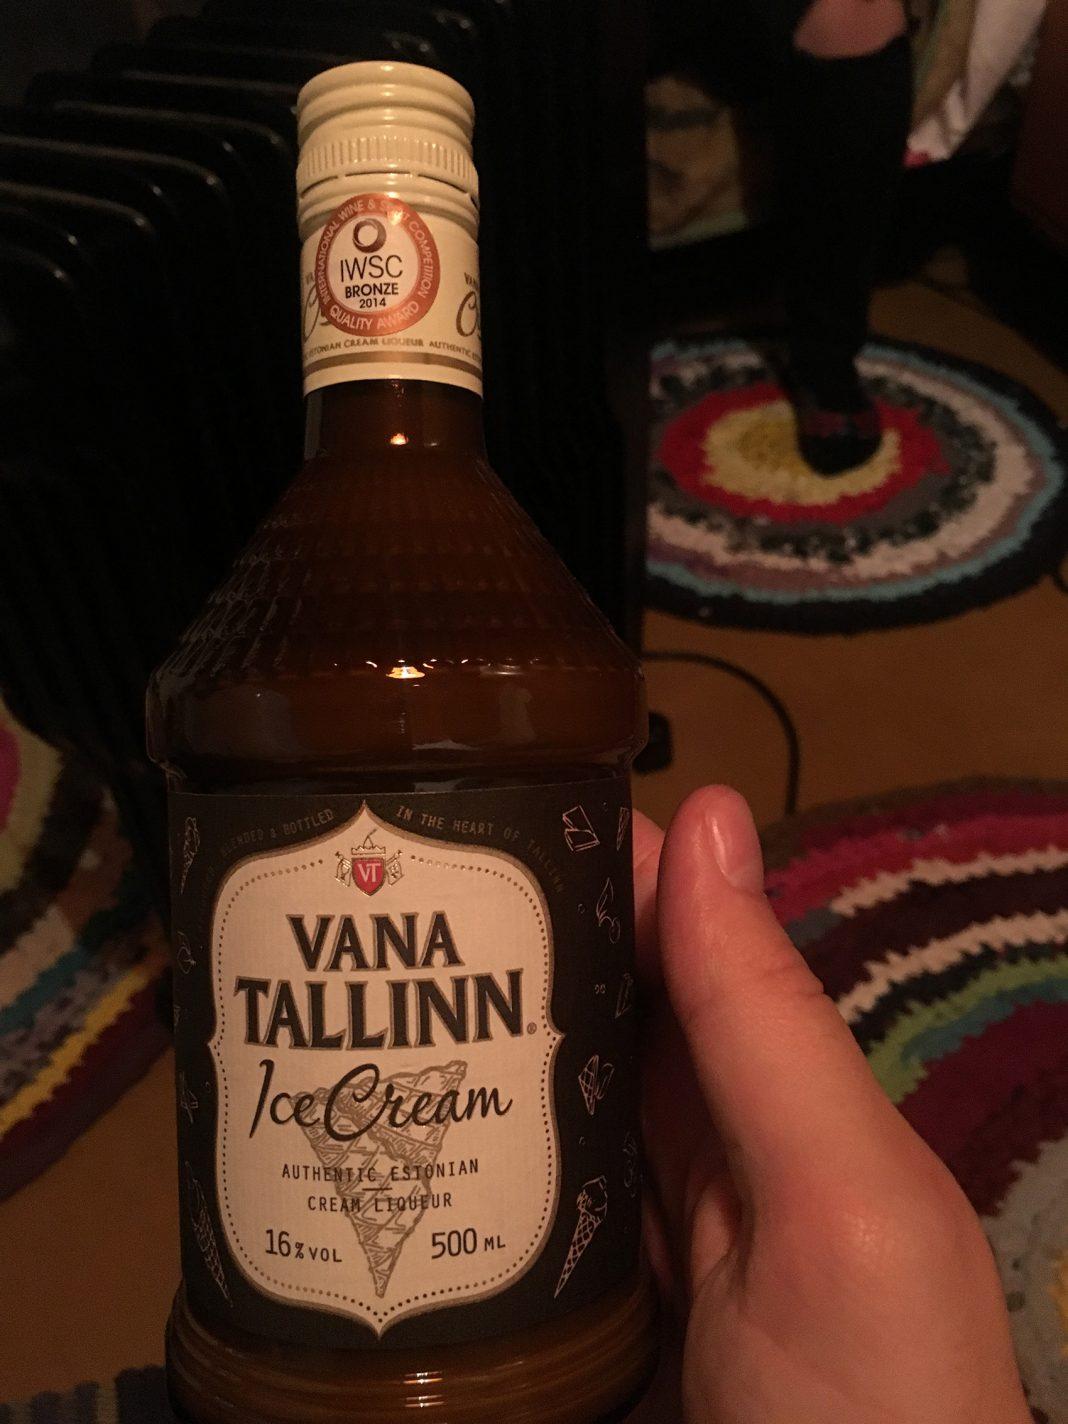 Vana Tallinn likeur